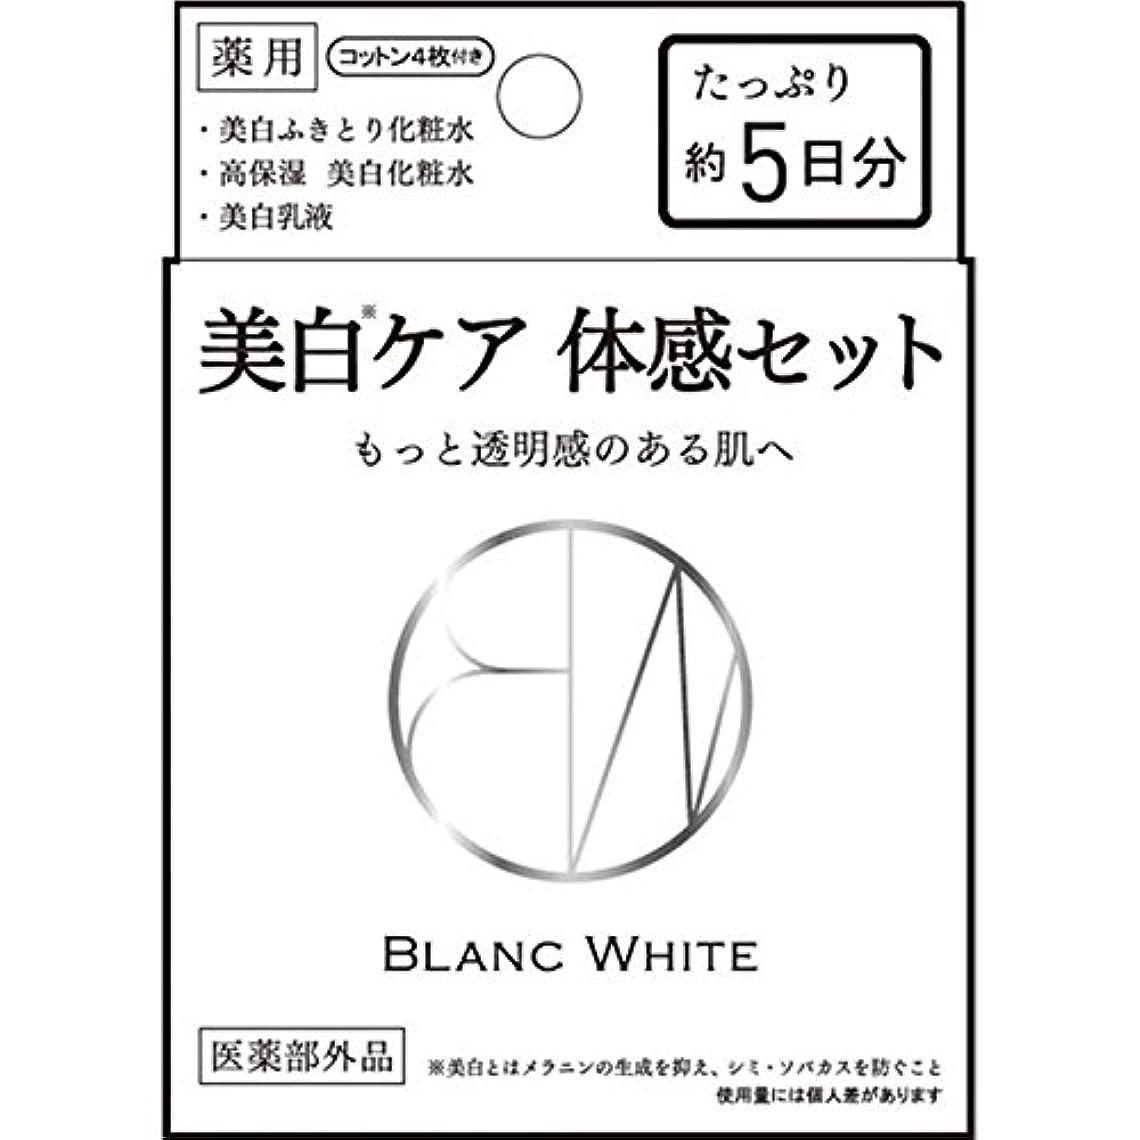 クラス配当考案するブランホワイト トライアルセット 3種混合セット (医薬部外品)